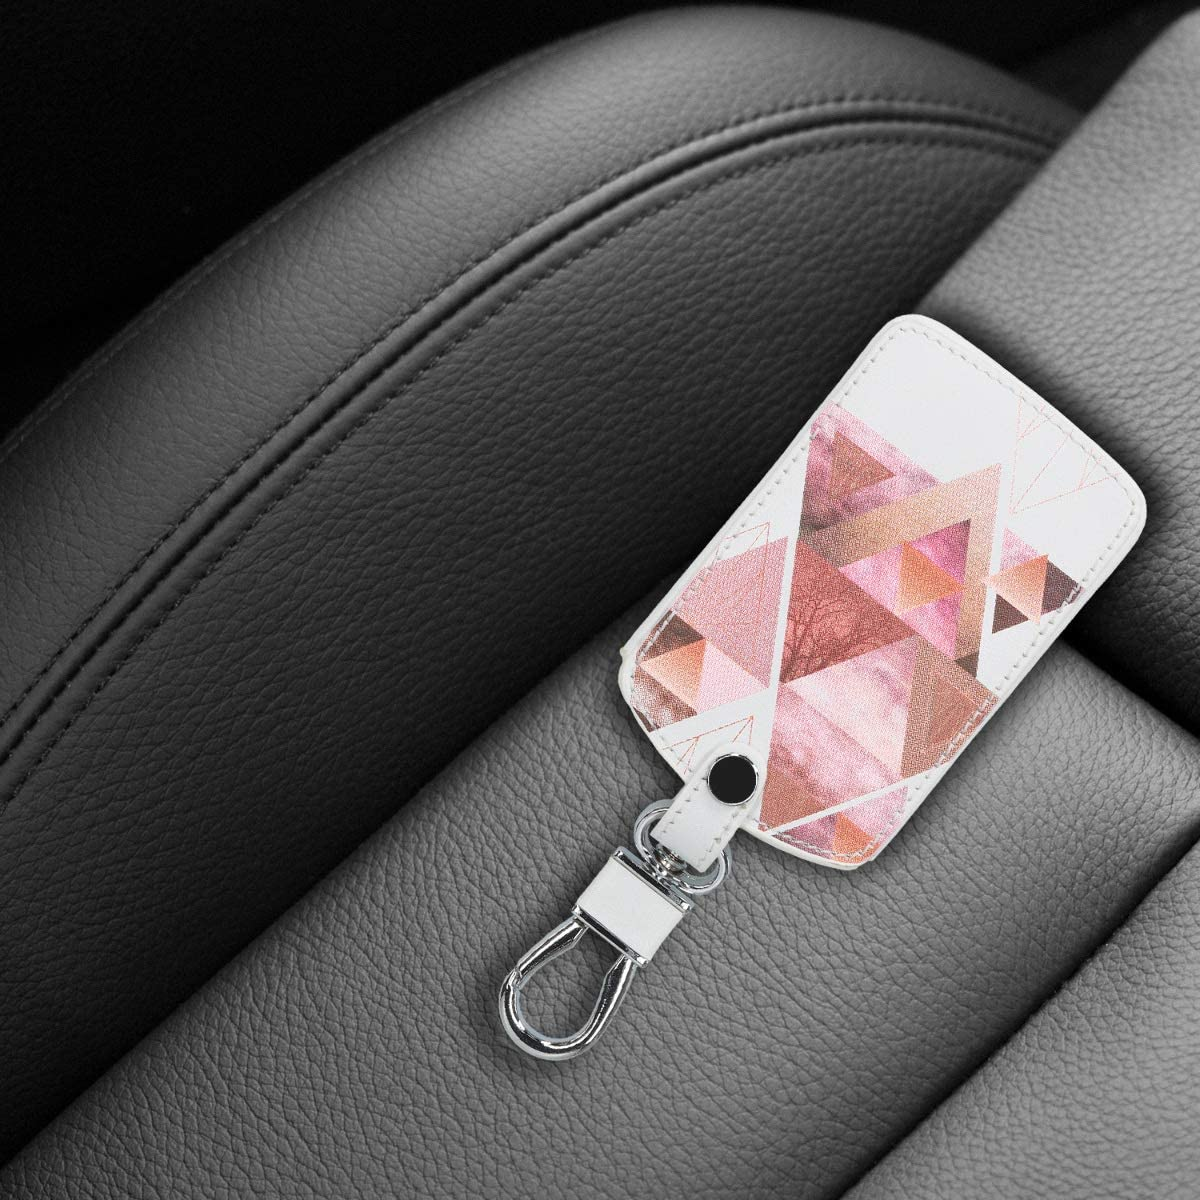 Coque de Cl/é de Voiture en Su/ède pour Clef de Voiture Renault 4-Bouton Keyless Go Uniquement kwmobile Accessoire Clef de Voiture pour Renault - Marron